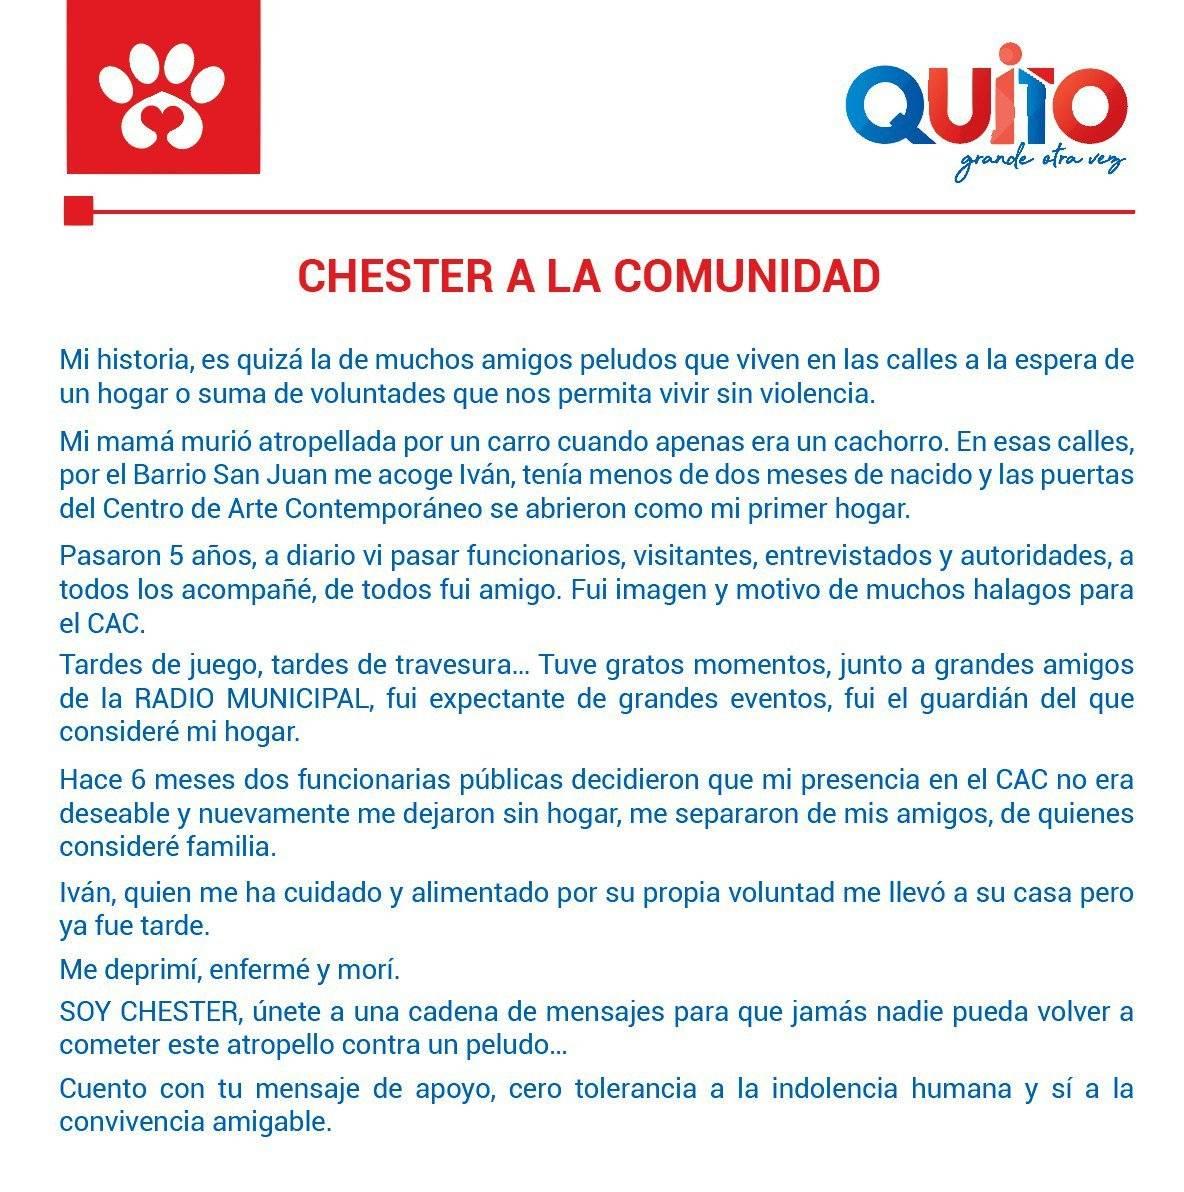 Carta de Chester